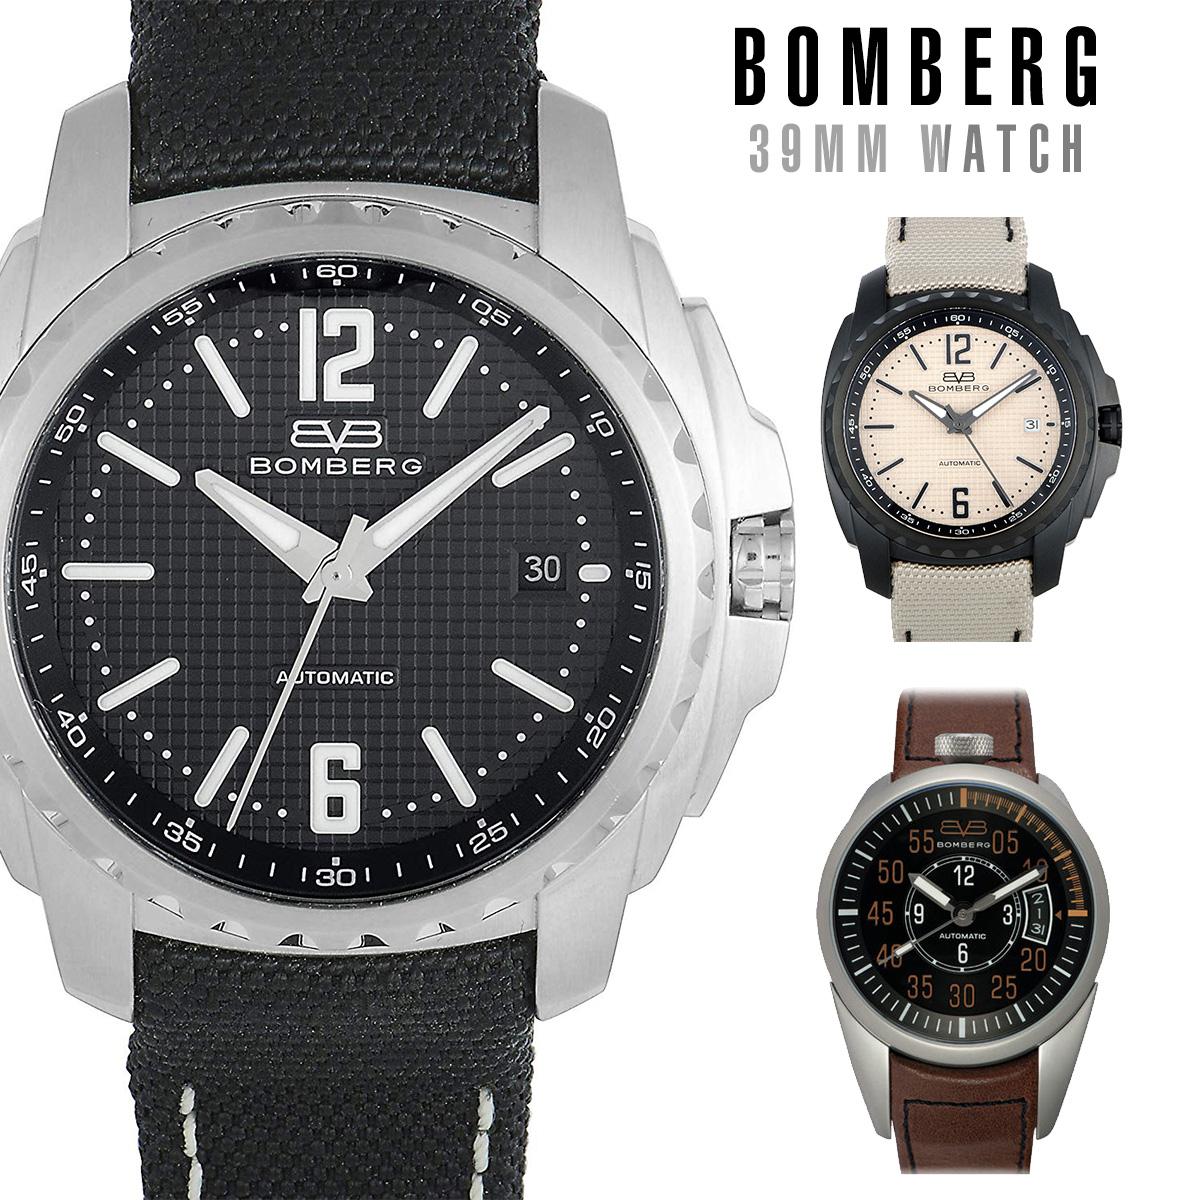 【全品送料無料】 ボンバーグ BOMBERG 39 mm メンズ 時計 腕時計 自動巻き時計